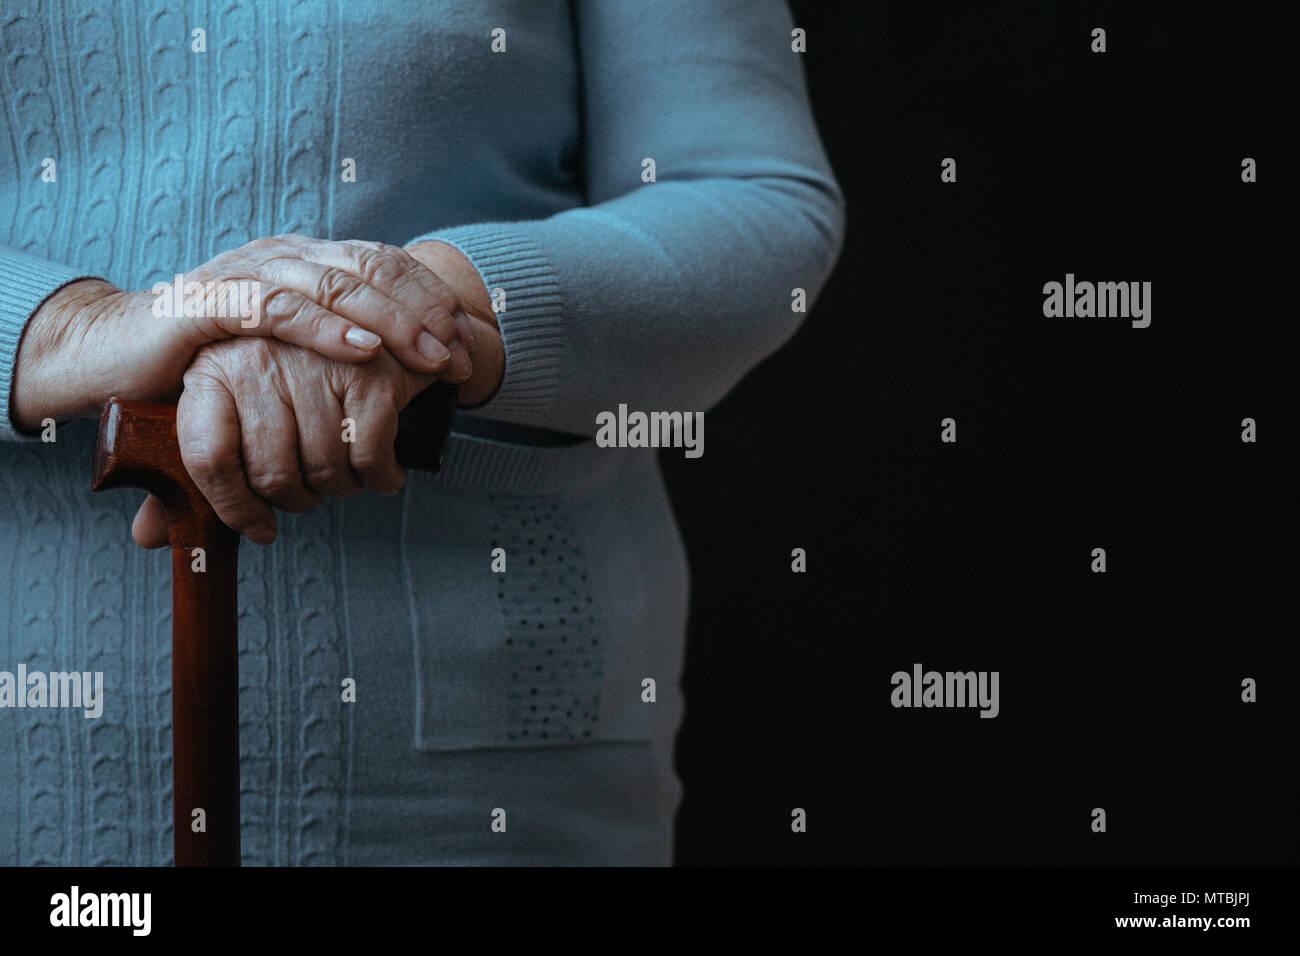 Vieille personne avec bâton de marche, fond noir, Close up Photo Stock